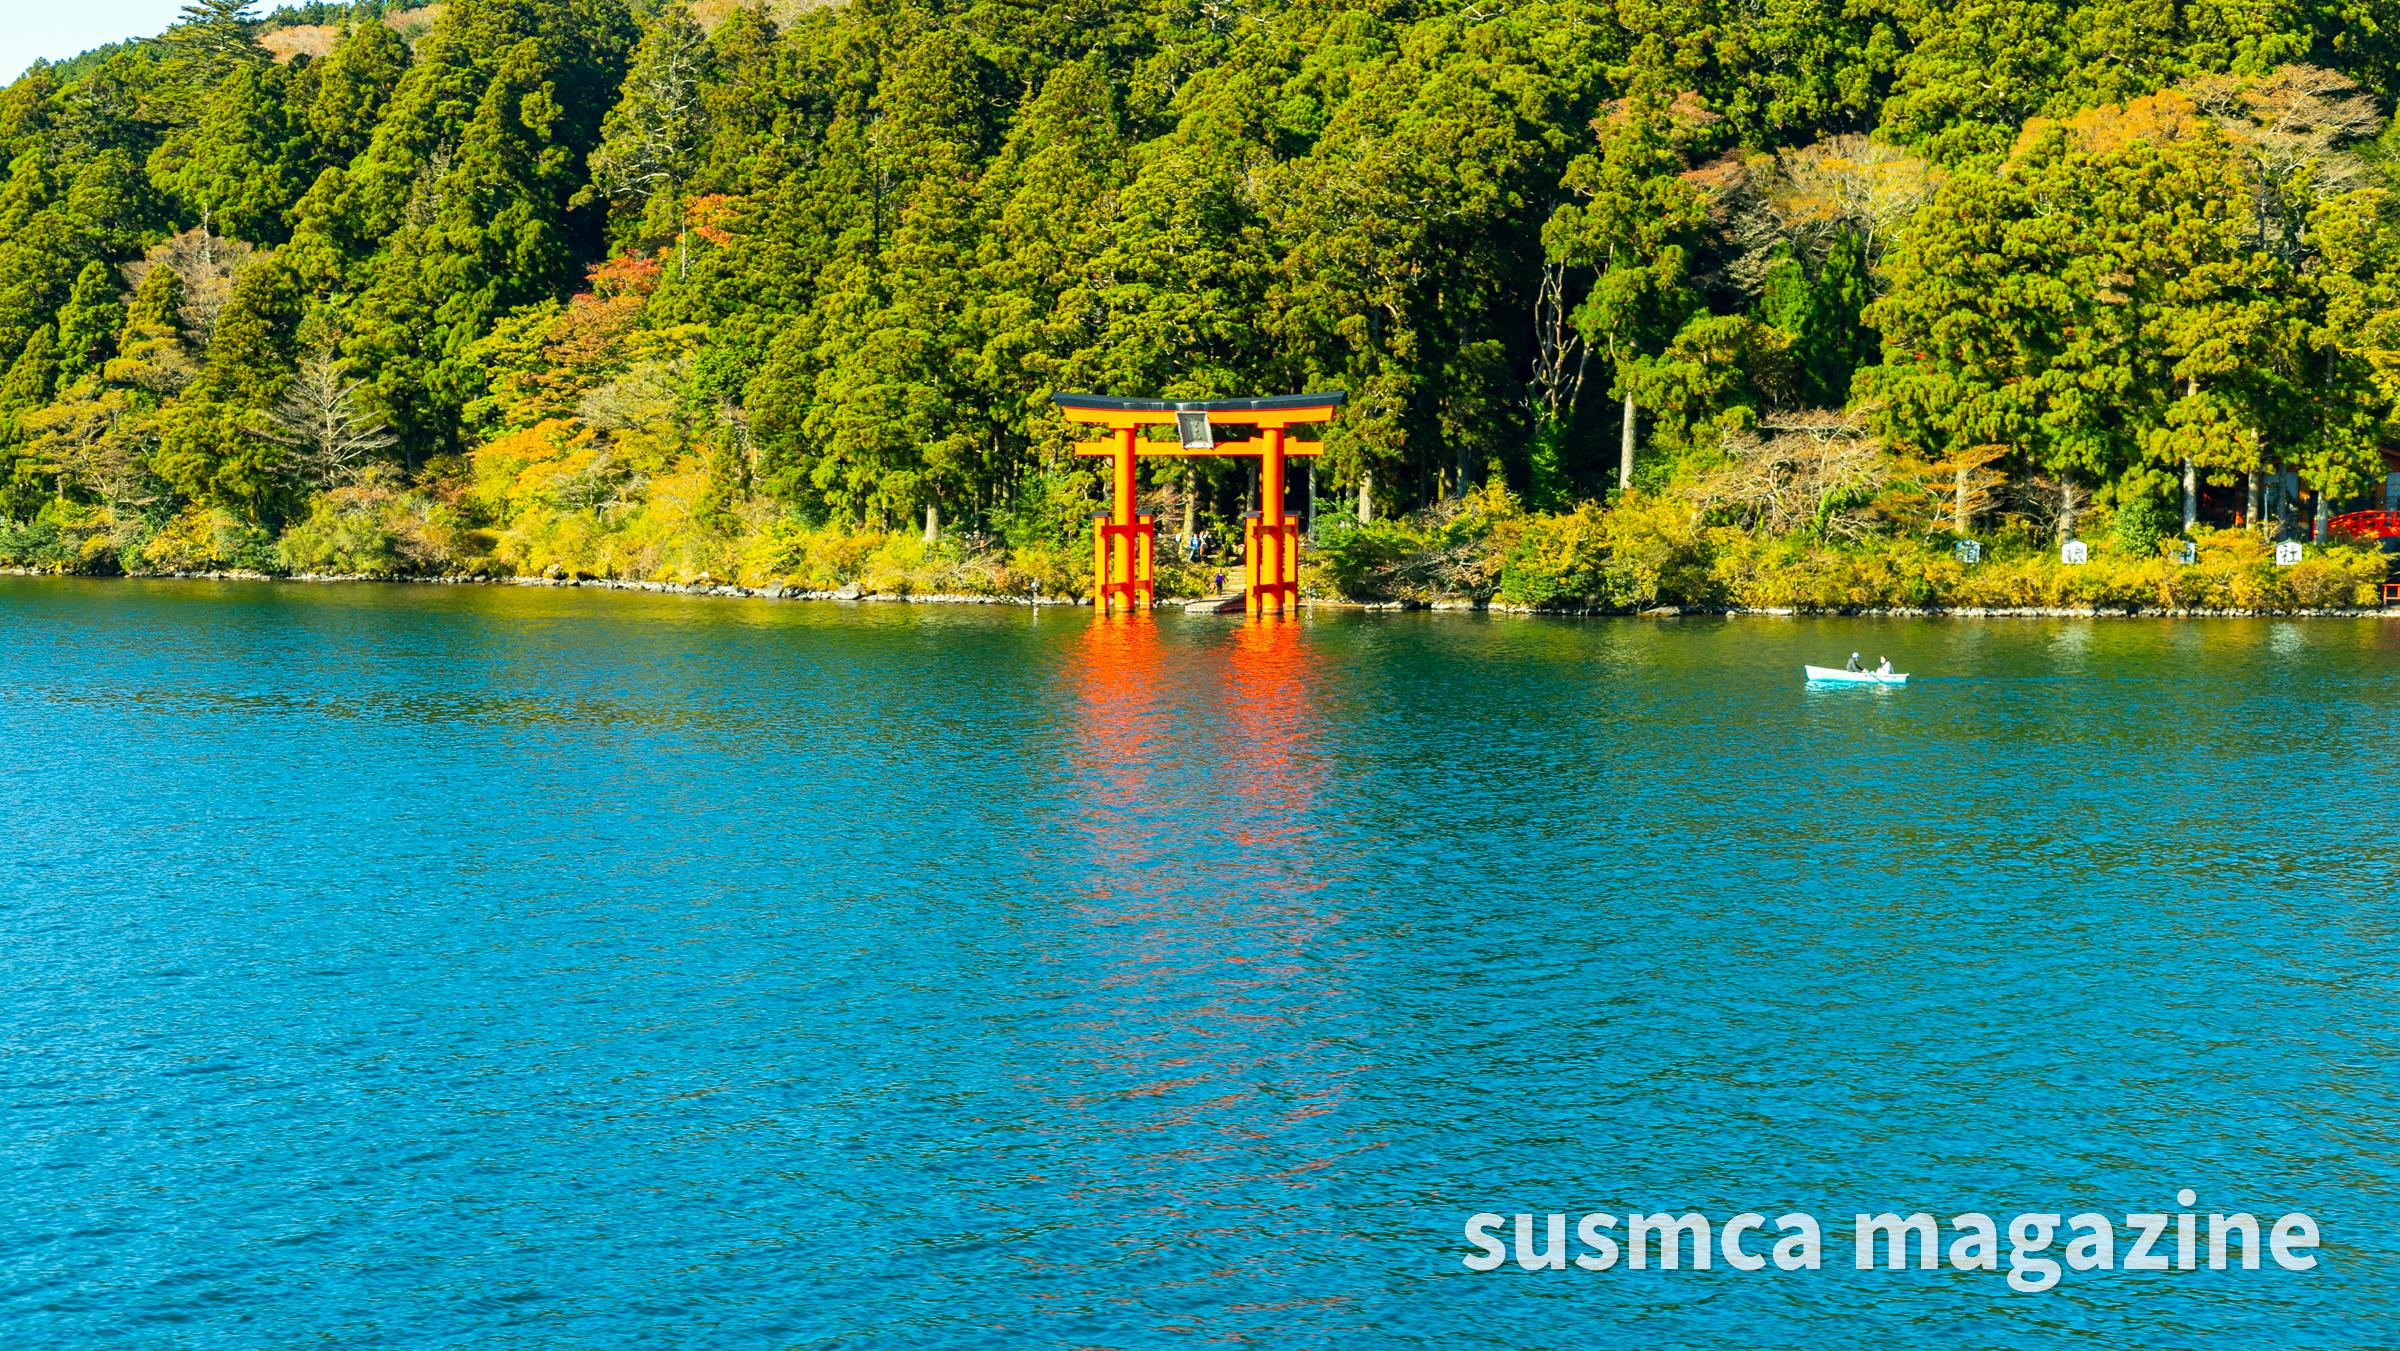 見頃は11月中旬!箱根のすすきと紅葉をめぐる取材旅 [箱根ゴールデンコース逆回り]